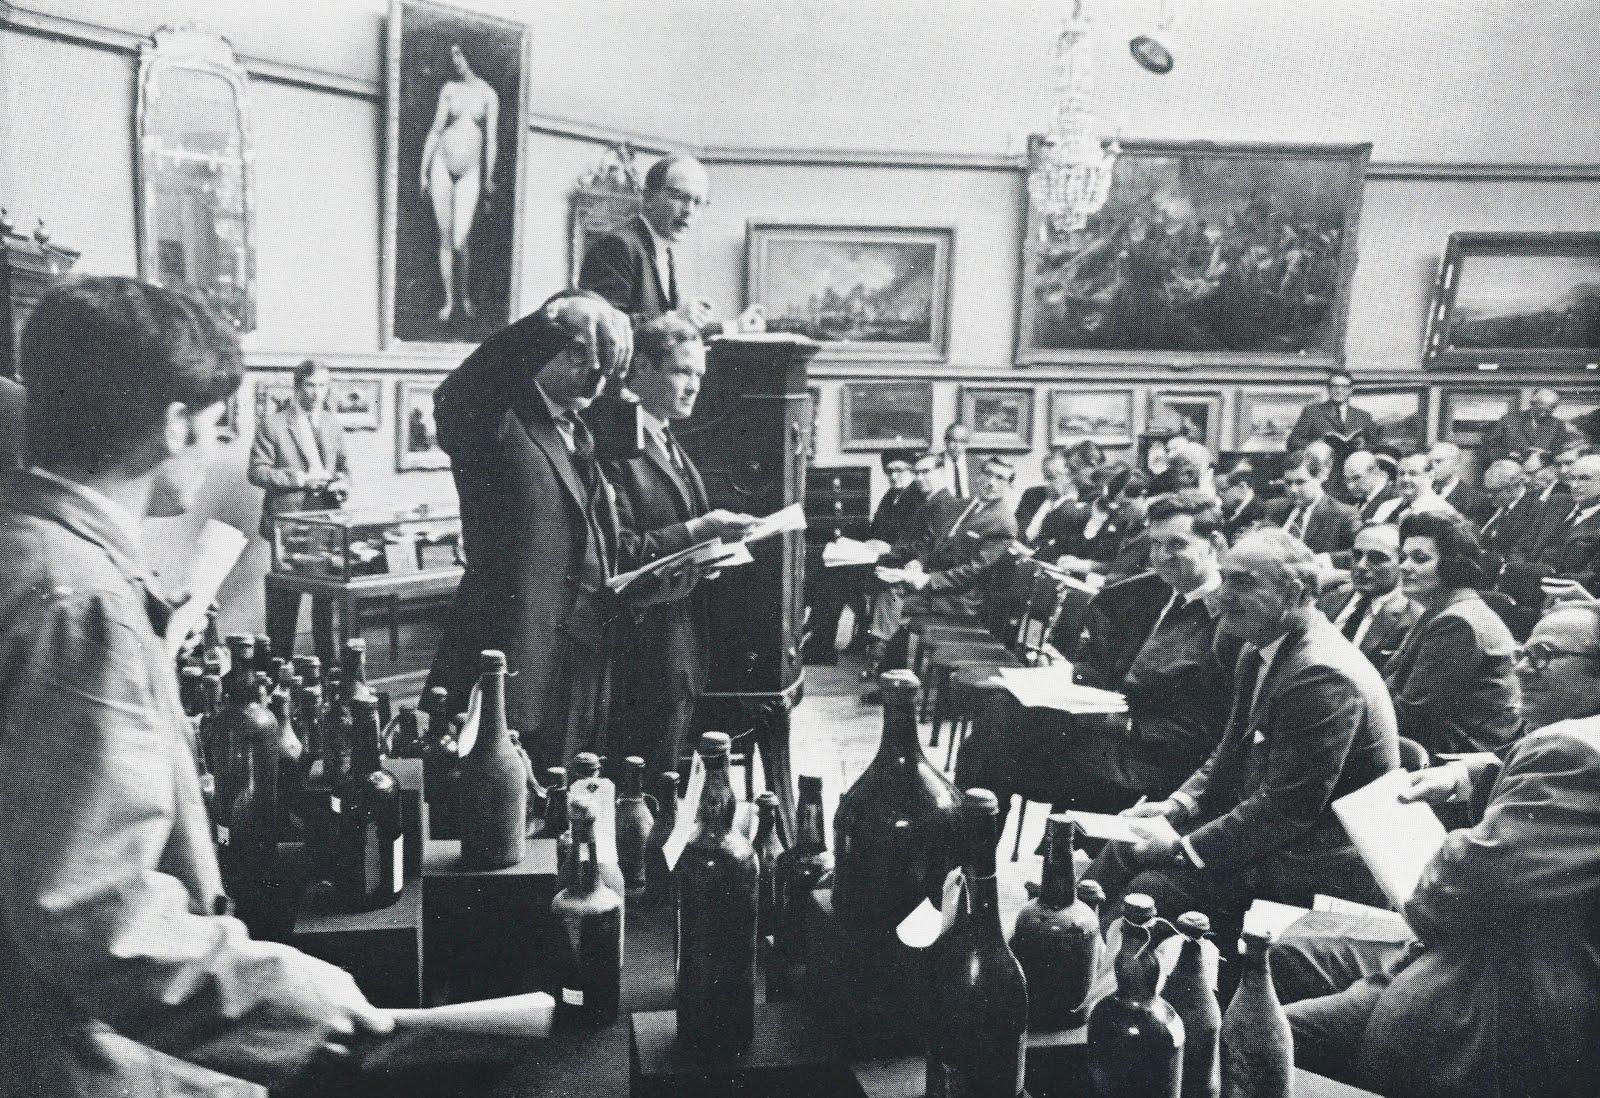 1966年拍卖会,台上就是 Broadbent,图片来源:佳士得